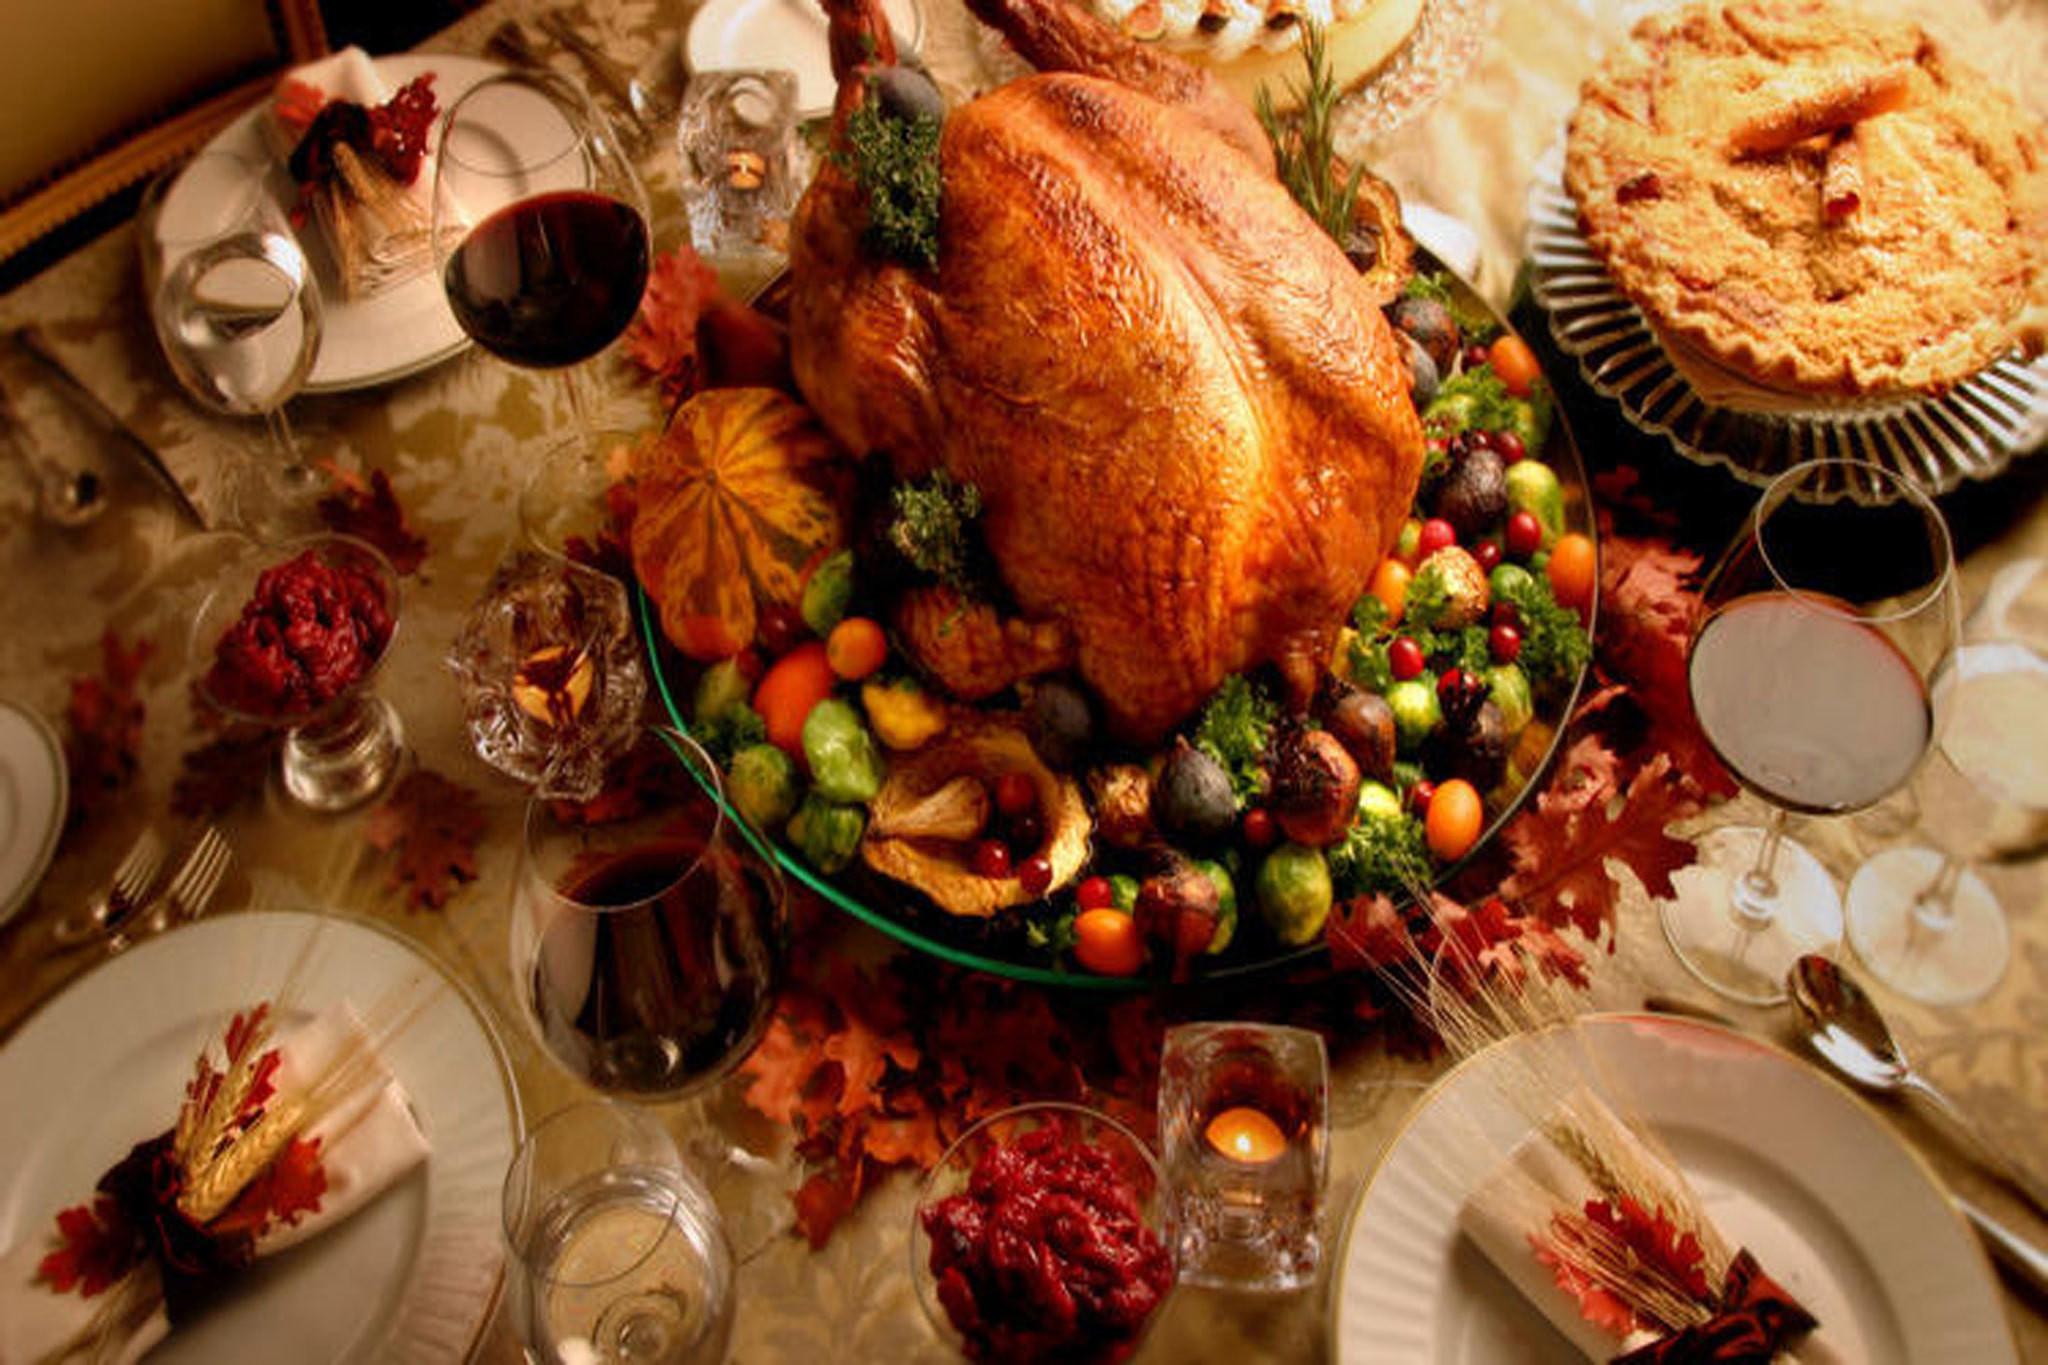 Thanksgiving Dinner 2019 Restaurants  Best restaurants for Thanksgiving dinner in Los Angeles